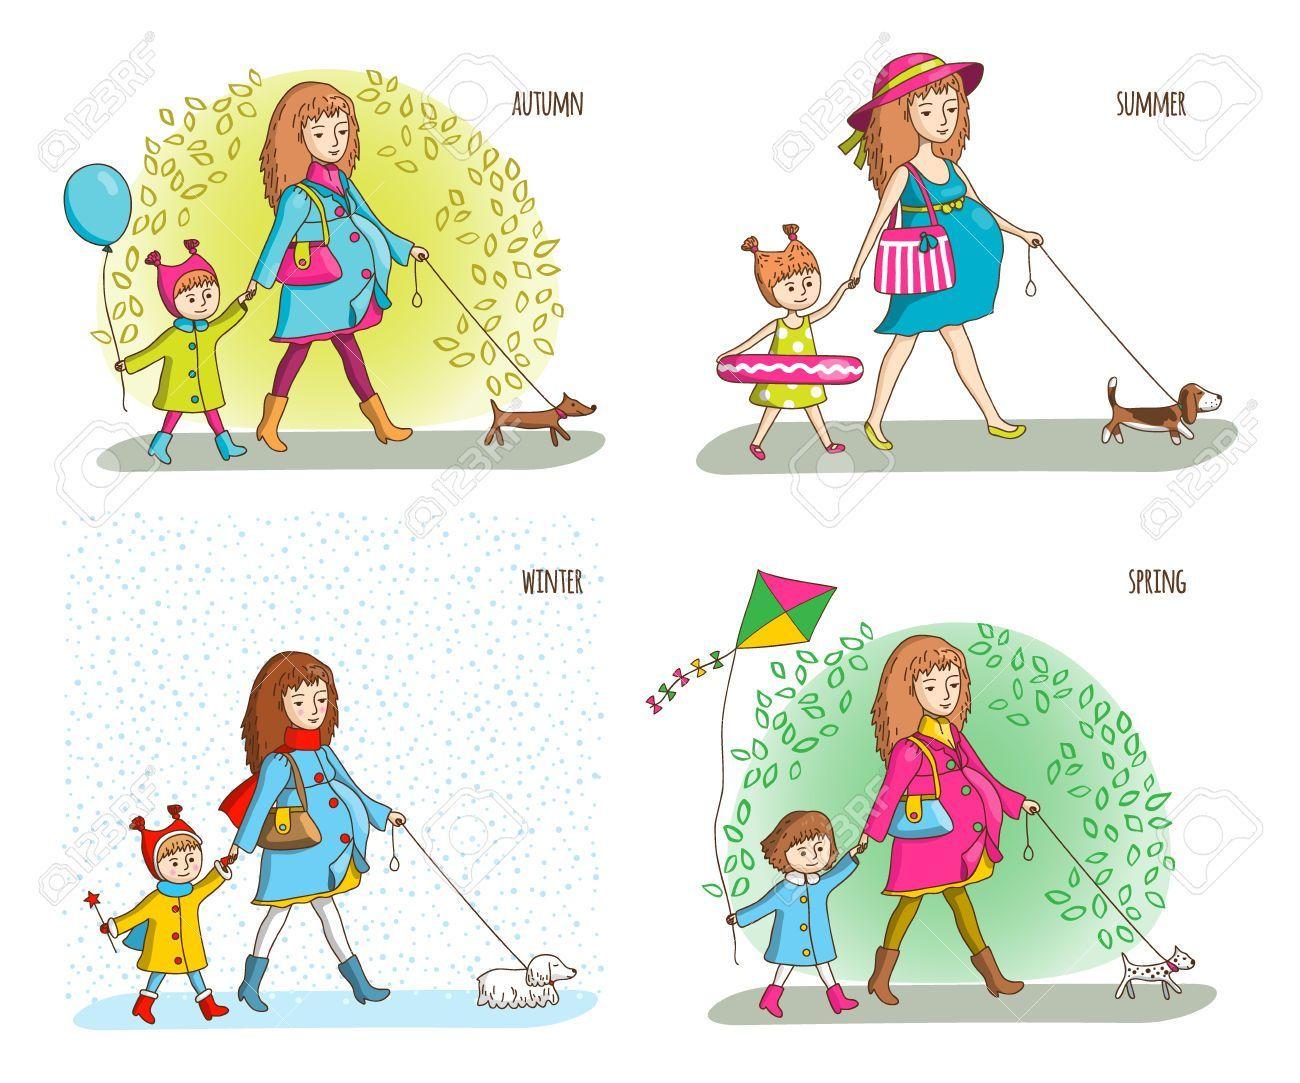 Mujer Embarazada Nina Y Perro Cuatro Estaciones Ilustracion De Vector De Primavera Verano Otono Invi Perros Para Ninos Estilos De Dibujo Mujer Embarazada